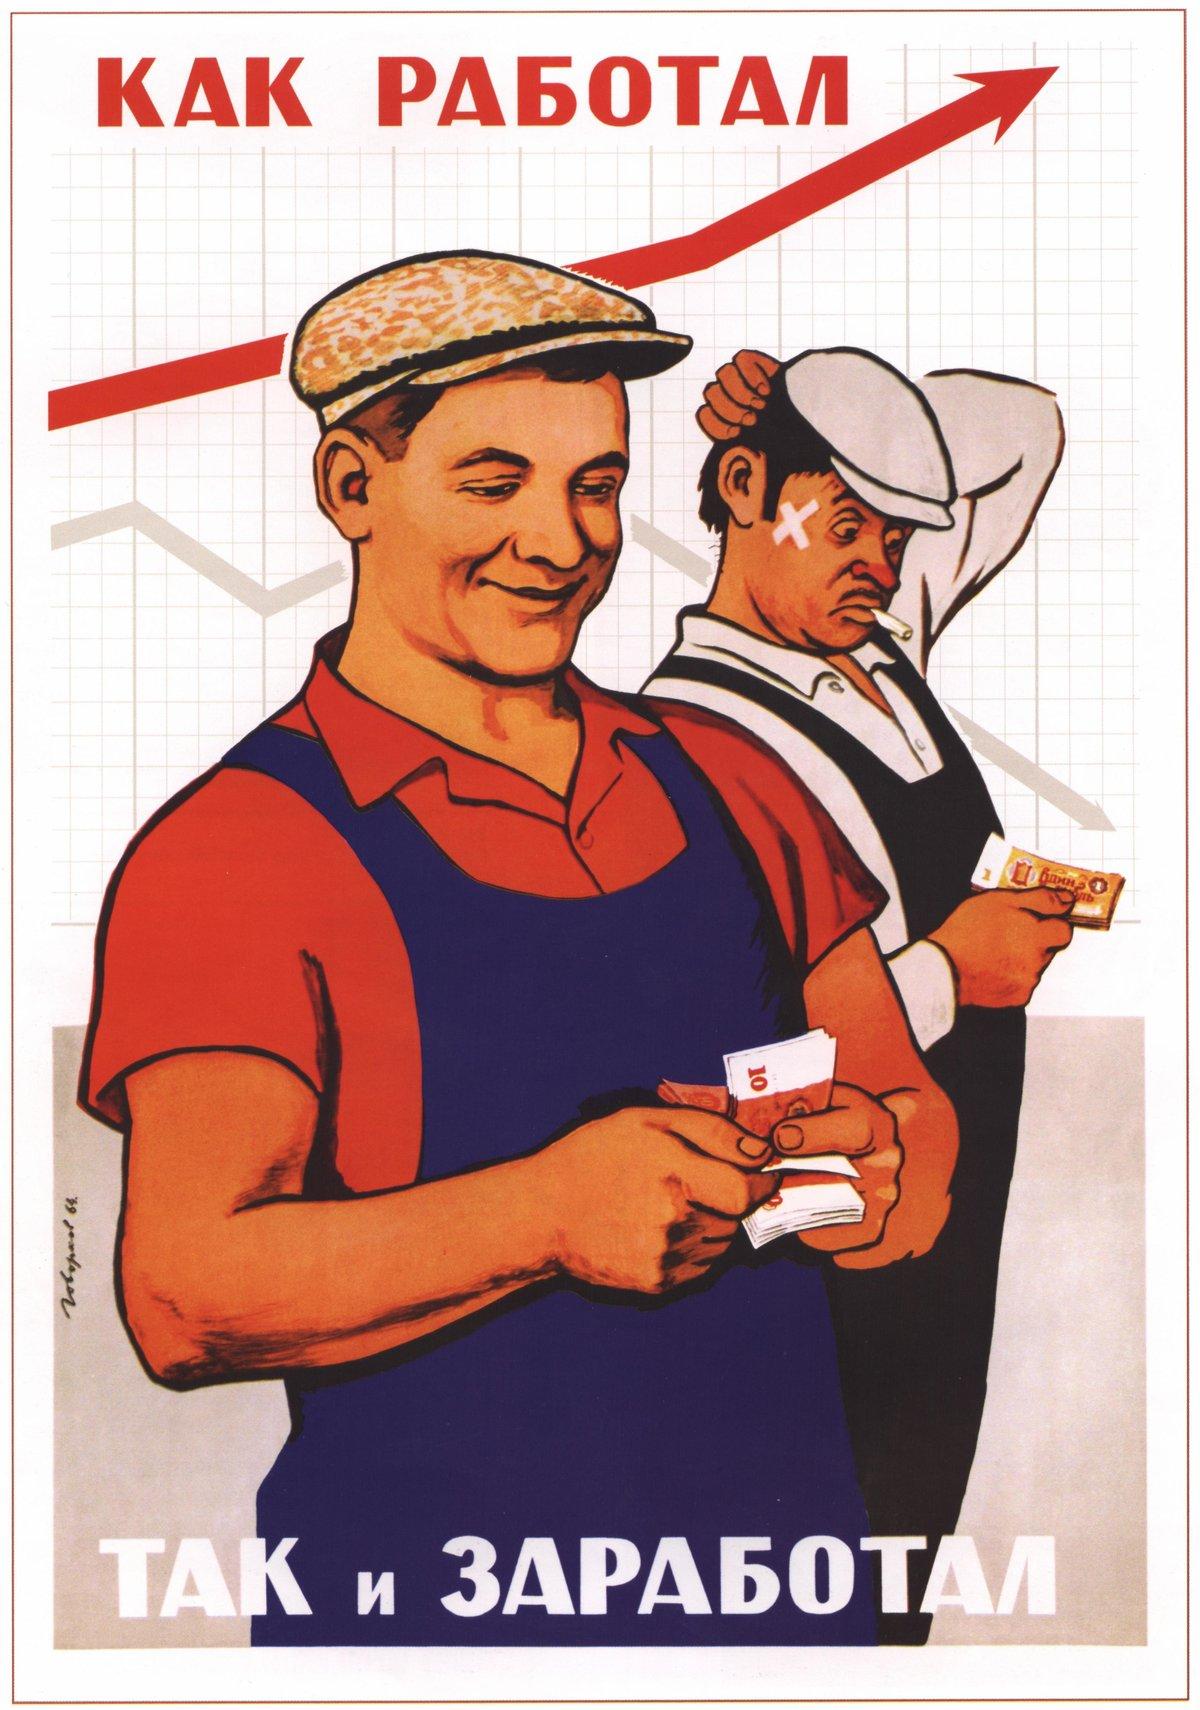 Приколы на советских картинках